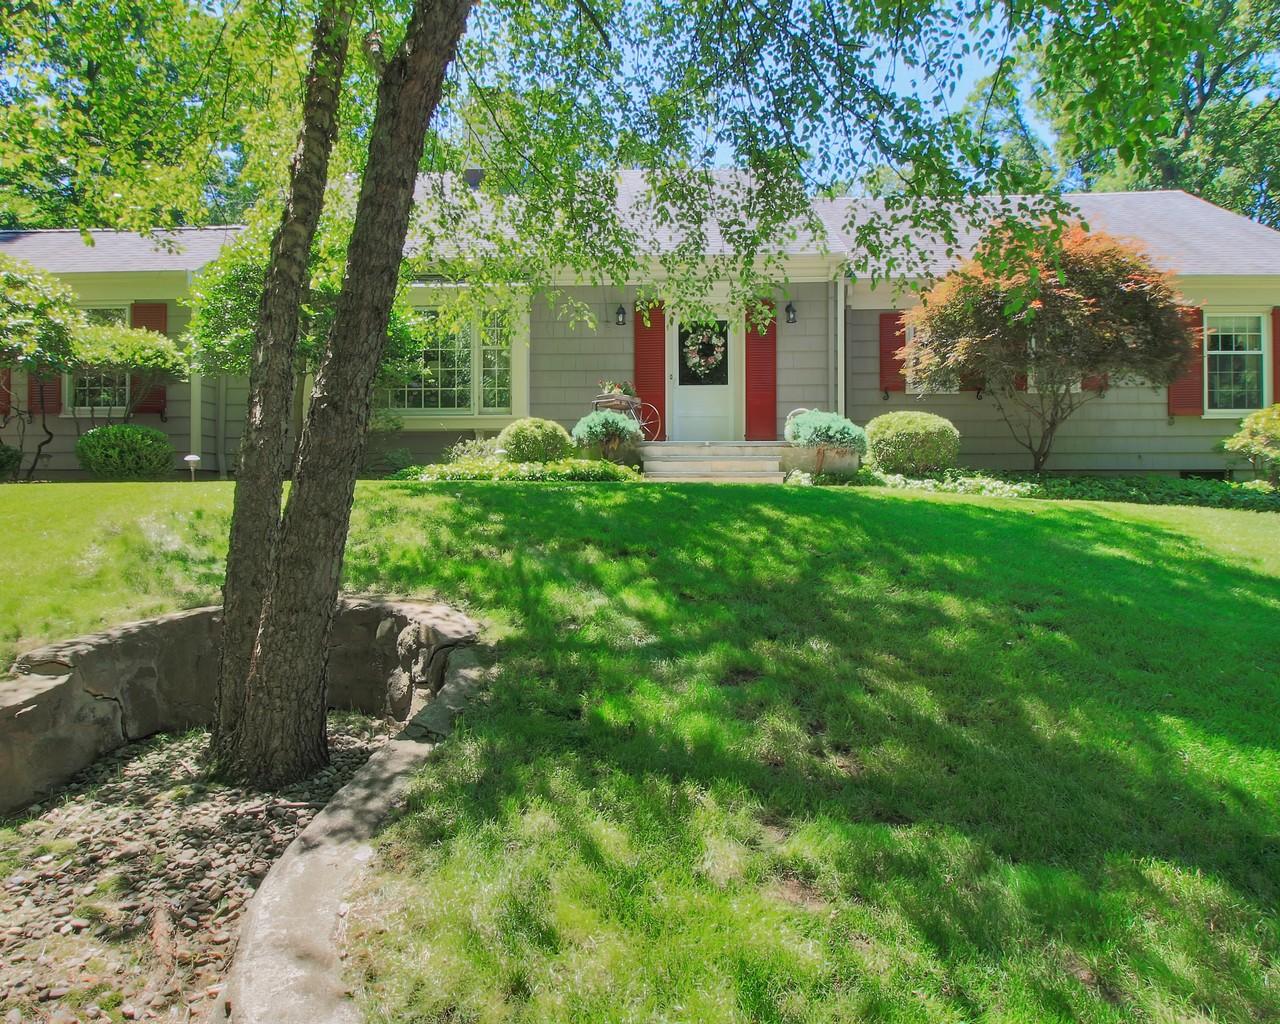 Maison unifamiliale pour l Vente à A Country Oasis 9 Meadow Lane North Caldwell, New Jersey, 07009 États-Unis